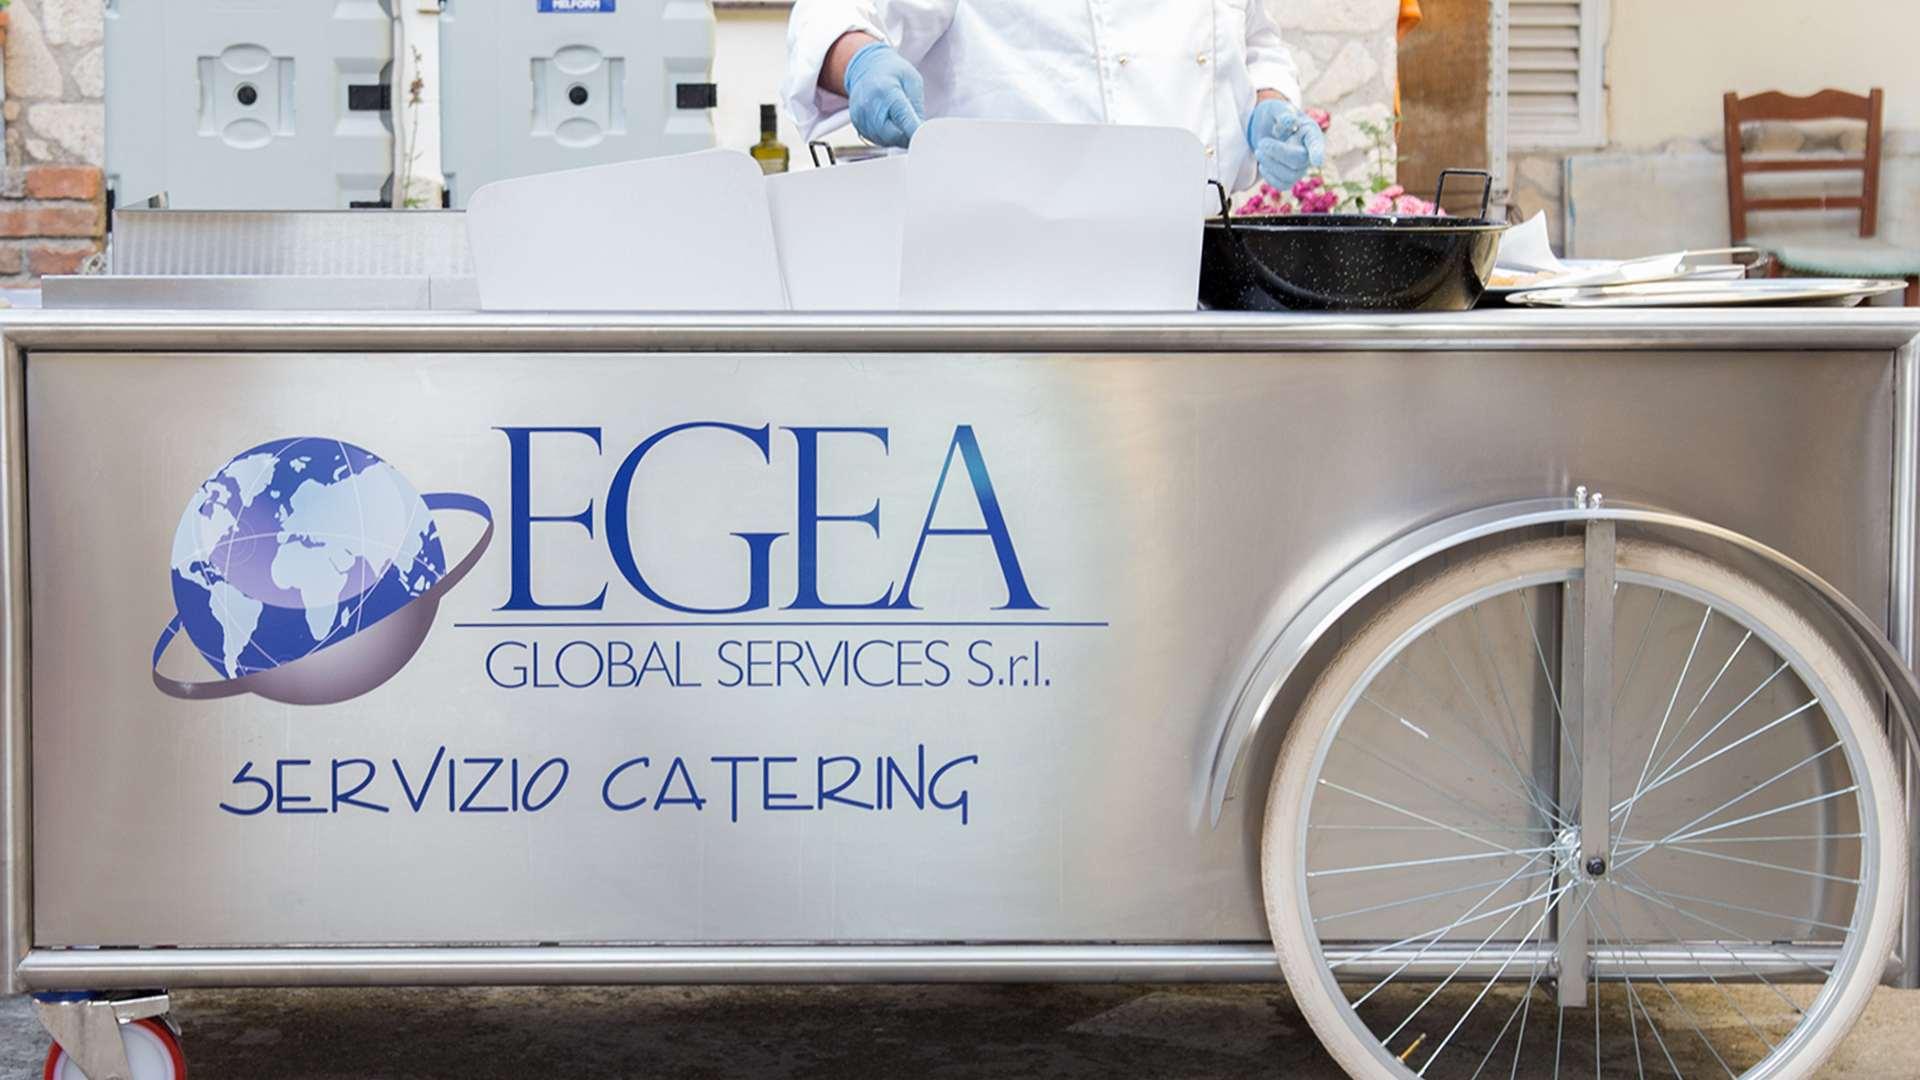 Catering Egea